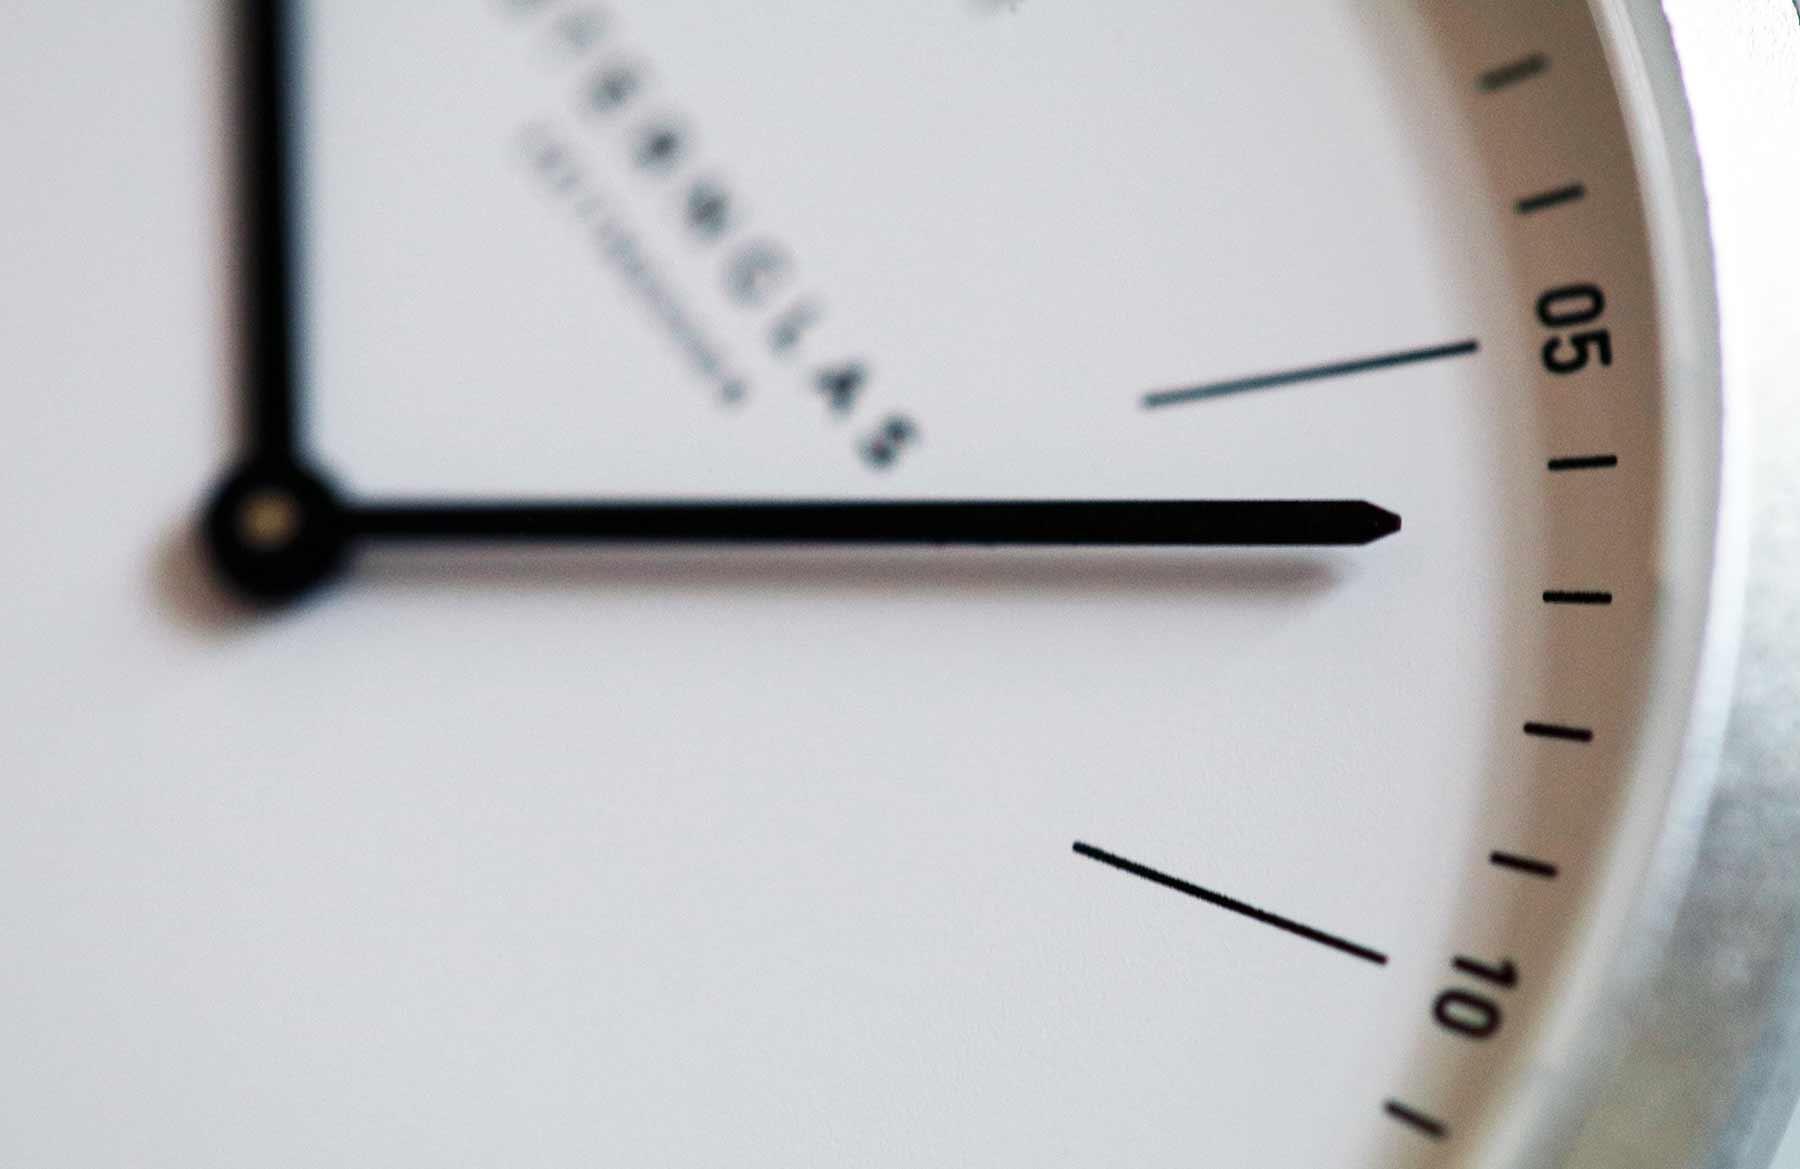 Extra leichte Armbanduhr im Bauhausdesign: Die neue STERNGLAS Modesto Sternglas_Modesto_Armbanduhr_Test_02